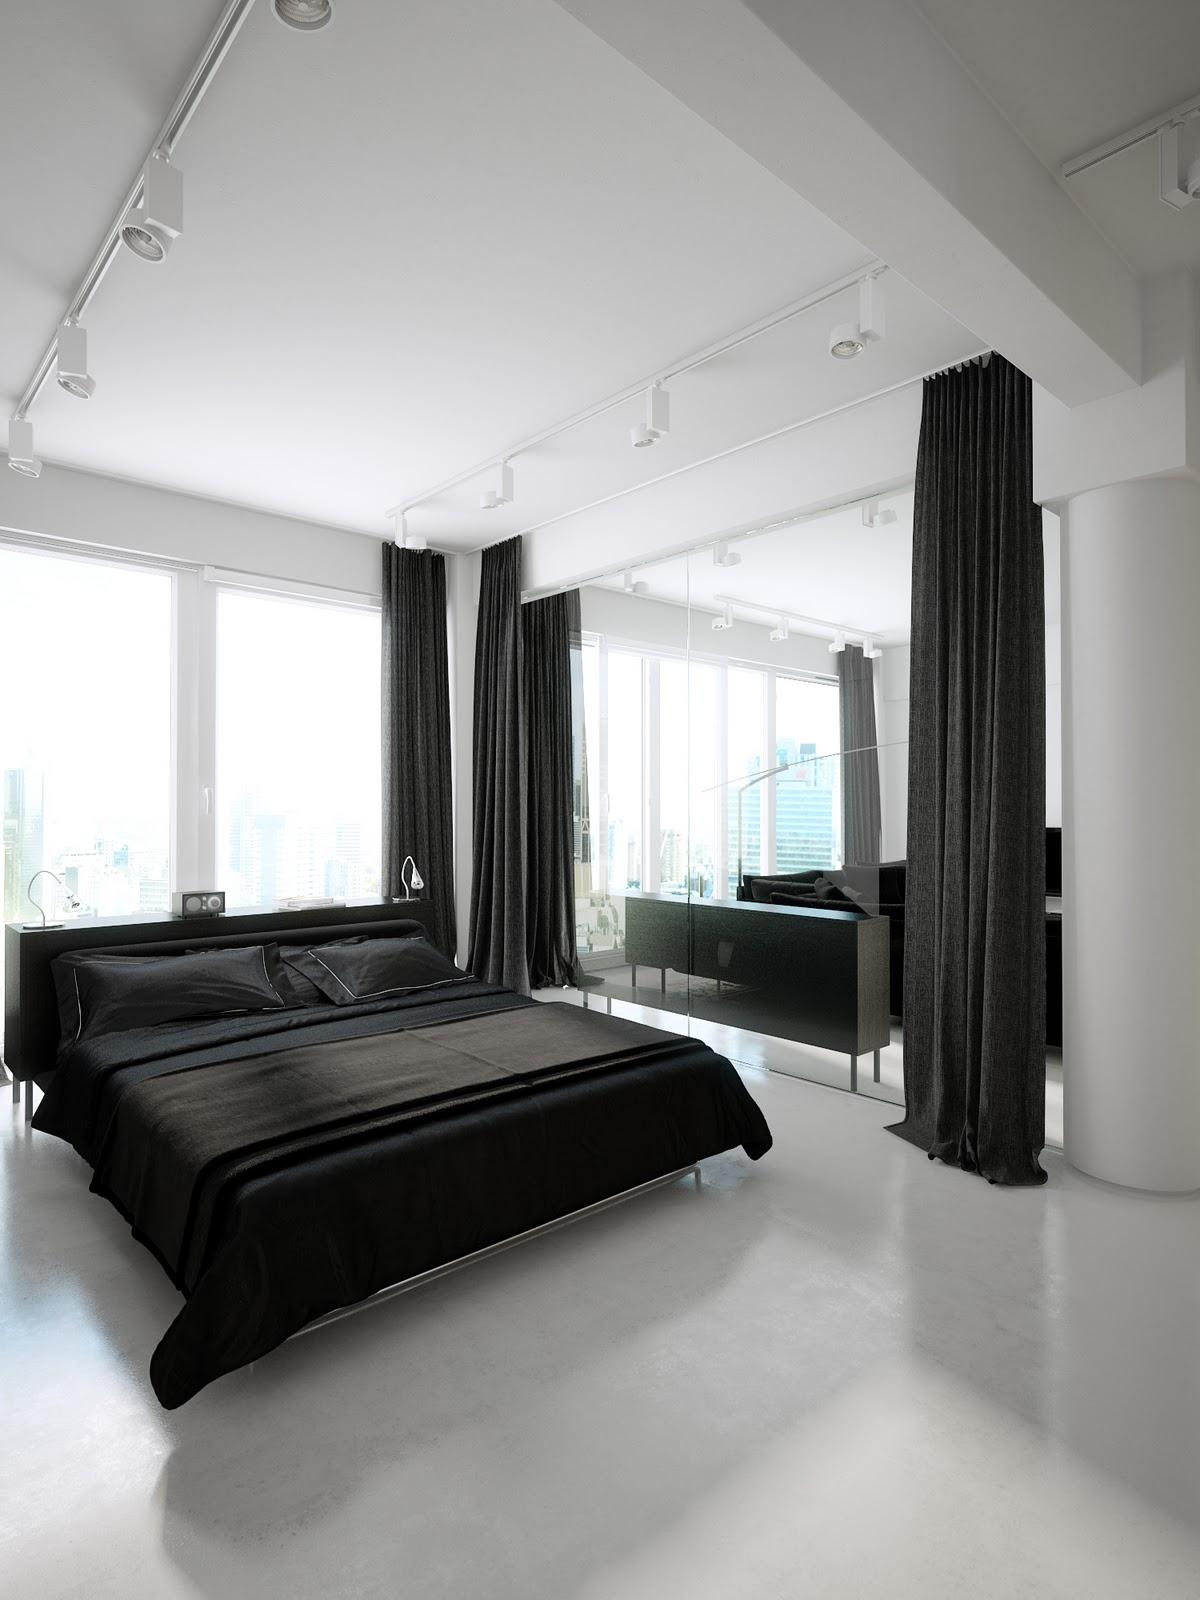 Master bedroom design ideas